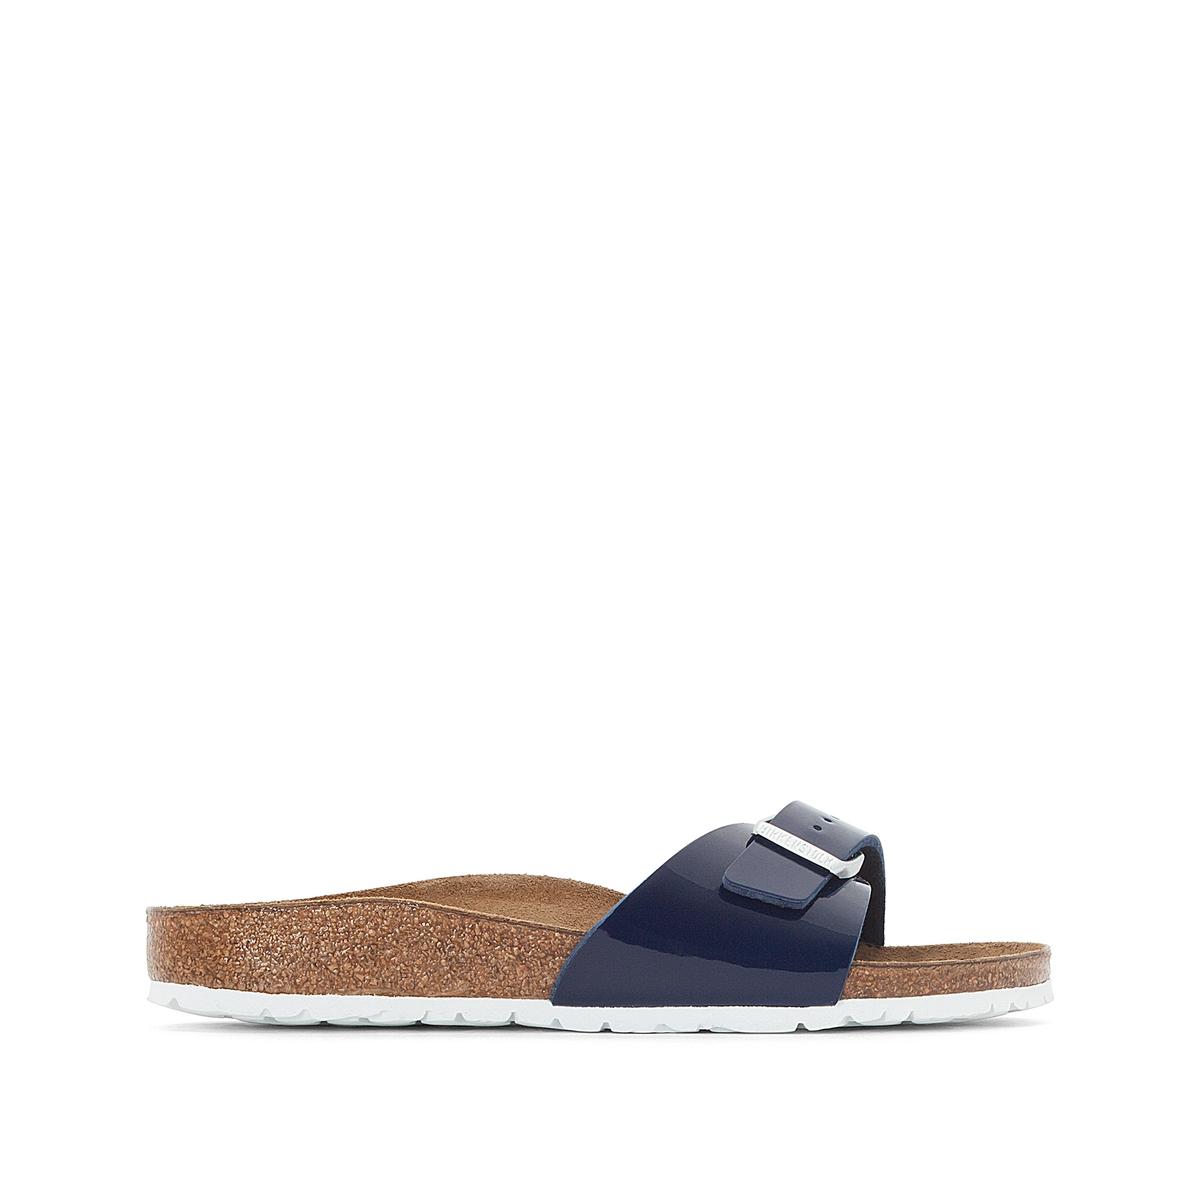 Туфли без задника лакированные MADRIDВерх : синтетический материал (Birko-Flor)                 Подкладка : фетр               Стелька : велюровая кожа               Подошва : ЭВА               Застежка : без застежки<br><br>Цвет: синий лак